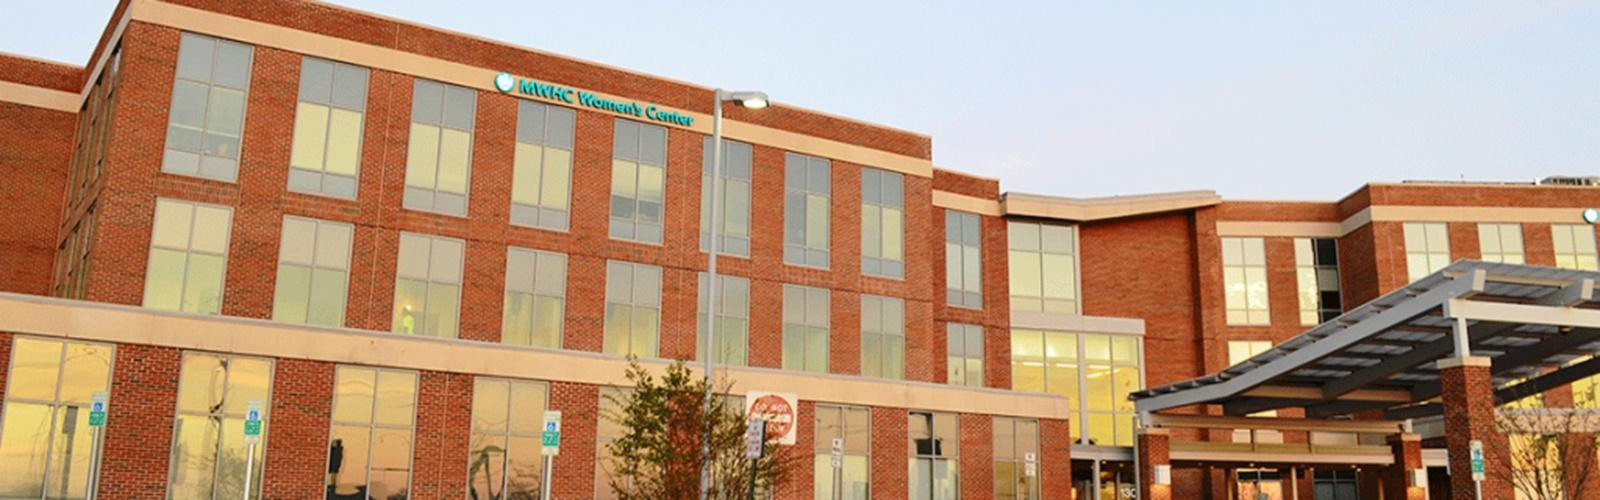 Imaging Center for Women